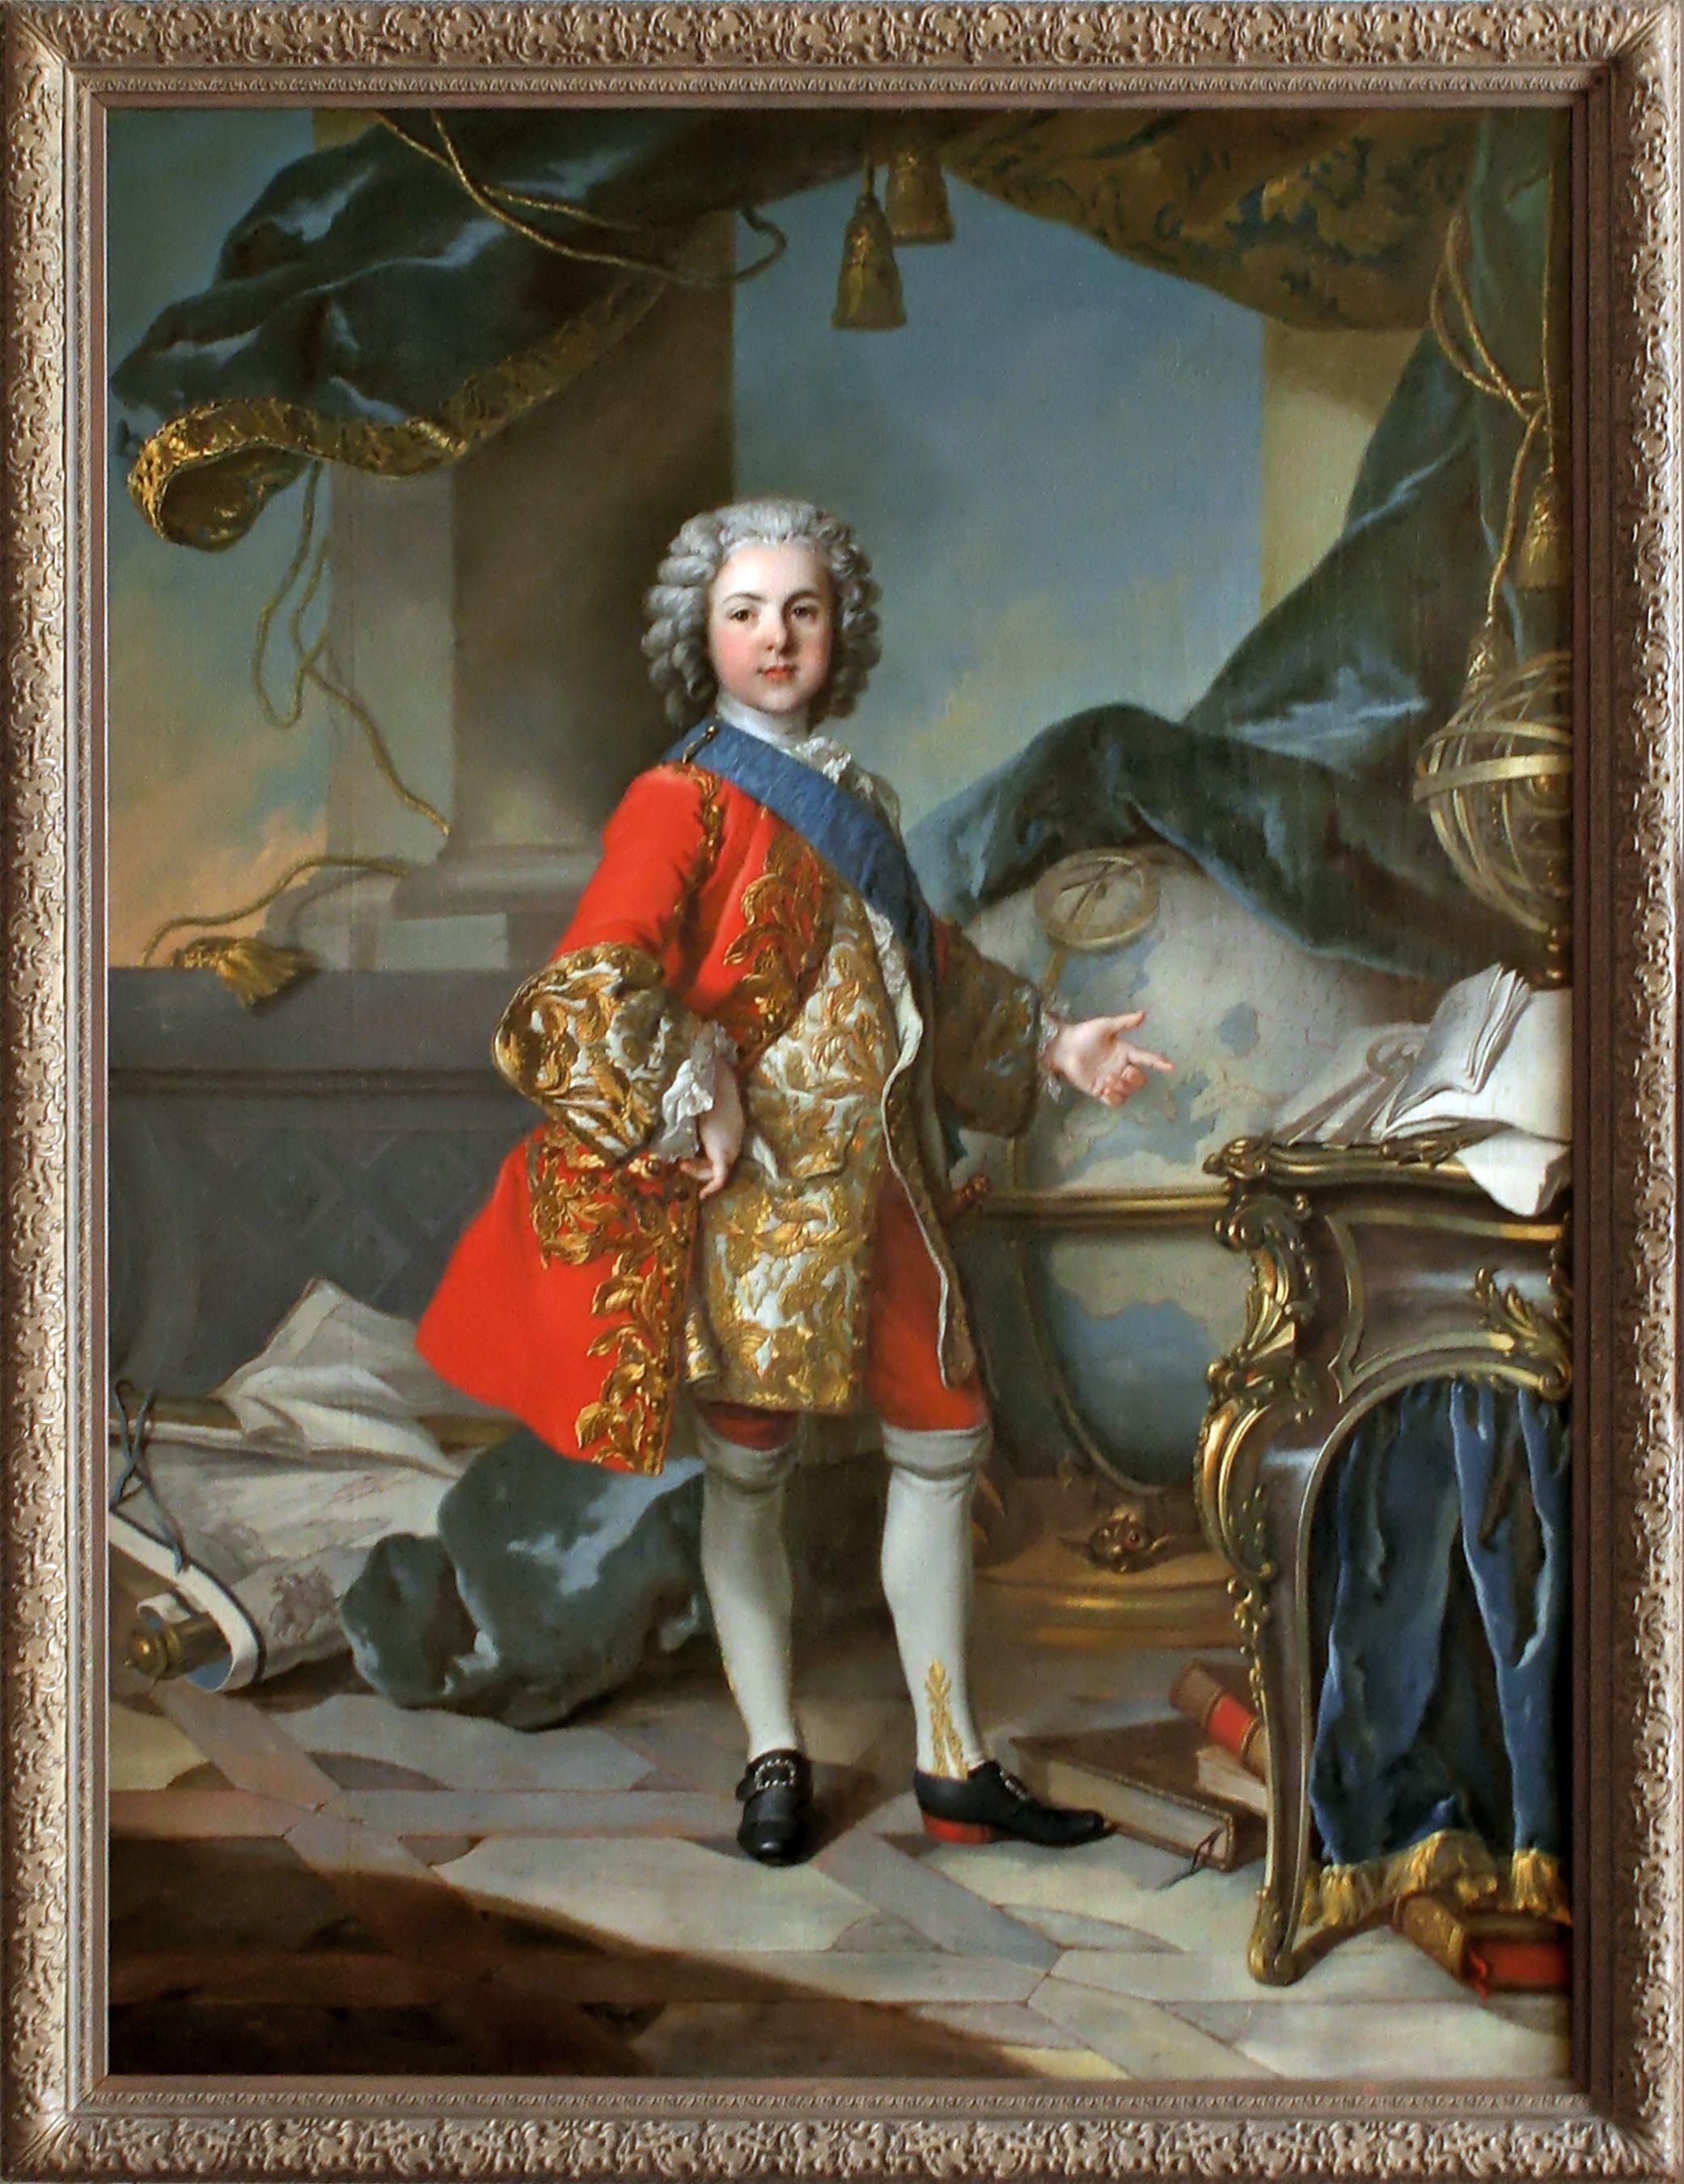 Workshop of Louis Tocqué: Portrait de Louis de France, Dauphin fils de Louis  XV. ca. 1738. | Peinture historique, Dauphin, Portrait de mariée